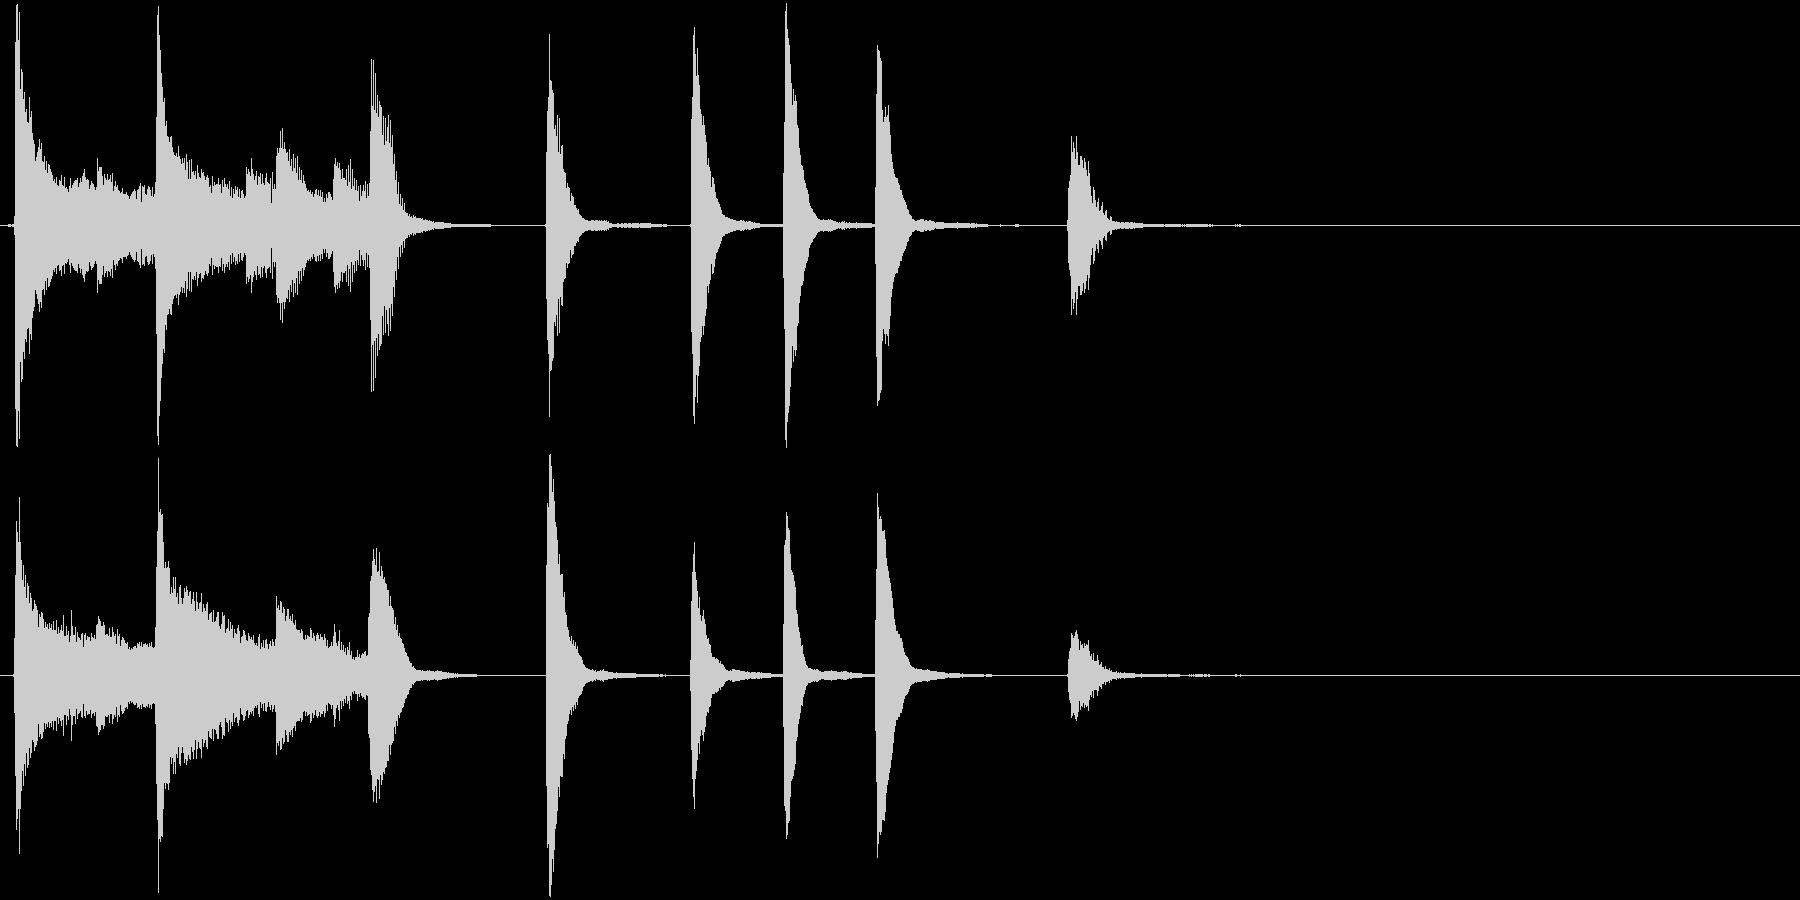 ご機嫌ブルースなピアノによるサウンドロゴの未再生の波形